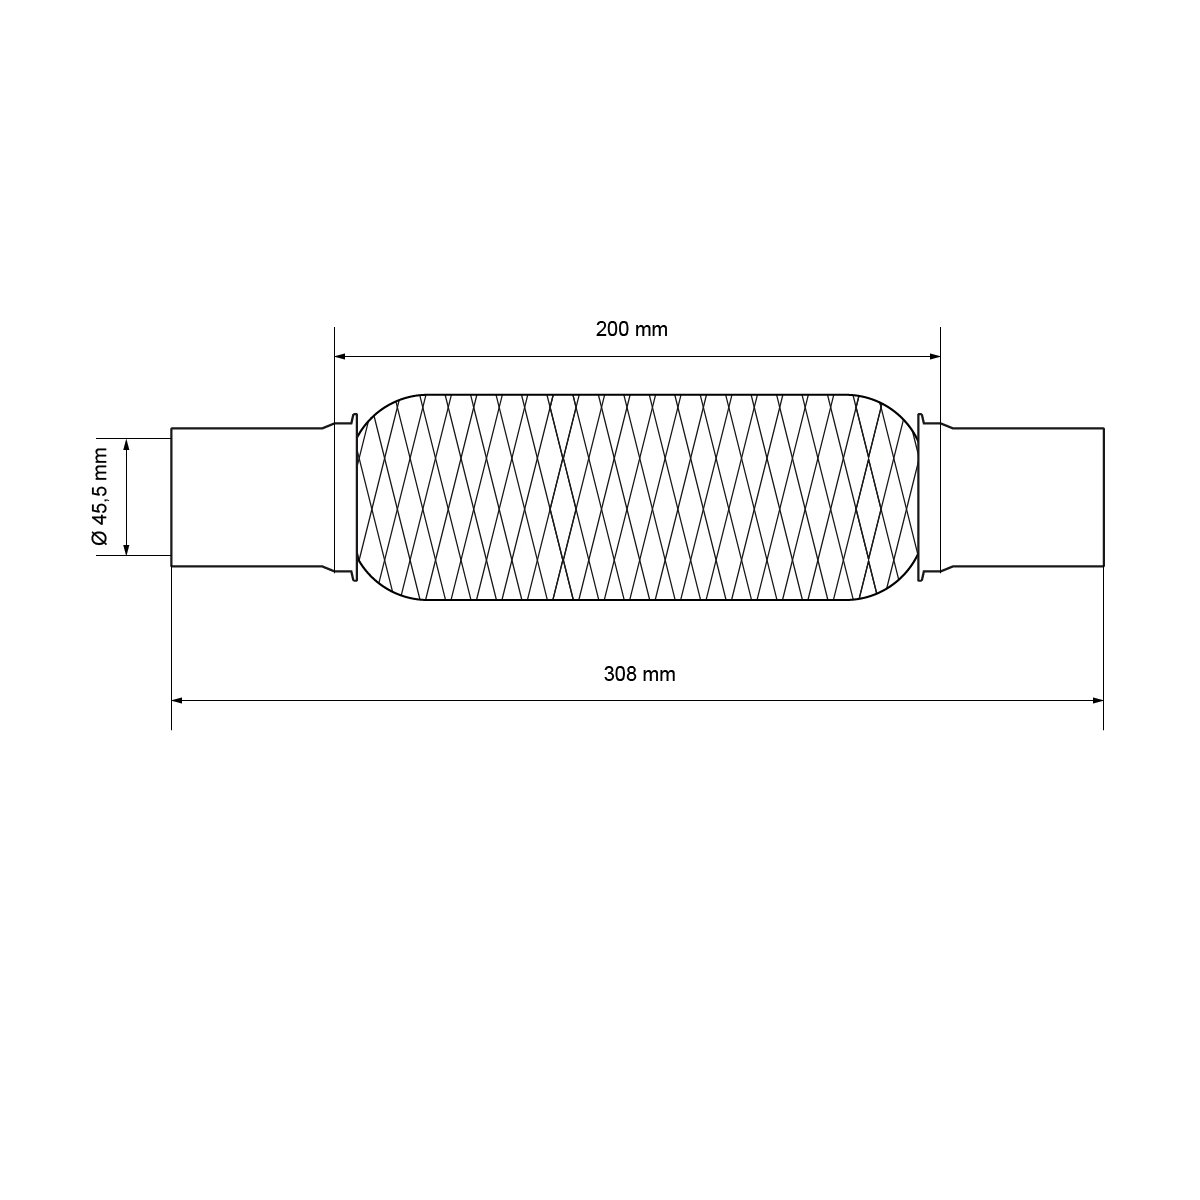 Auspuff-Montagepaste 60g Universal Flexrohr Interlock 55 x 200 mm flexibles Rohr mit 2 Schellen Flexst/ück Wellrohr Hosenrohr Auspuff Abgasanlage aus Edelstahl Montage ohne Schwei/ßen